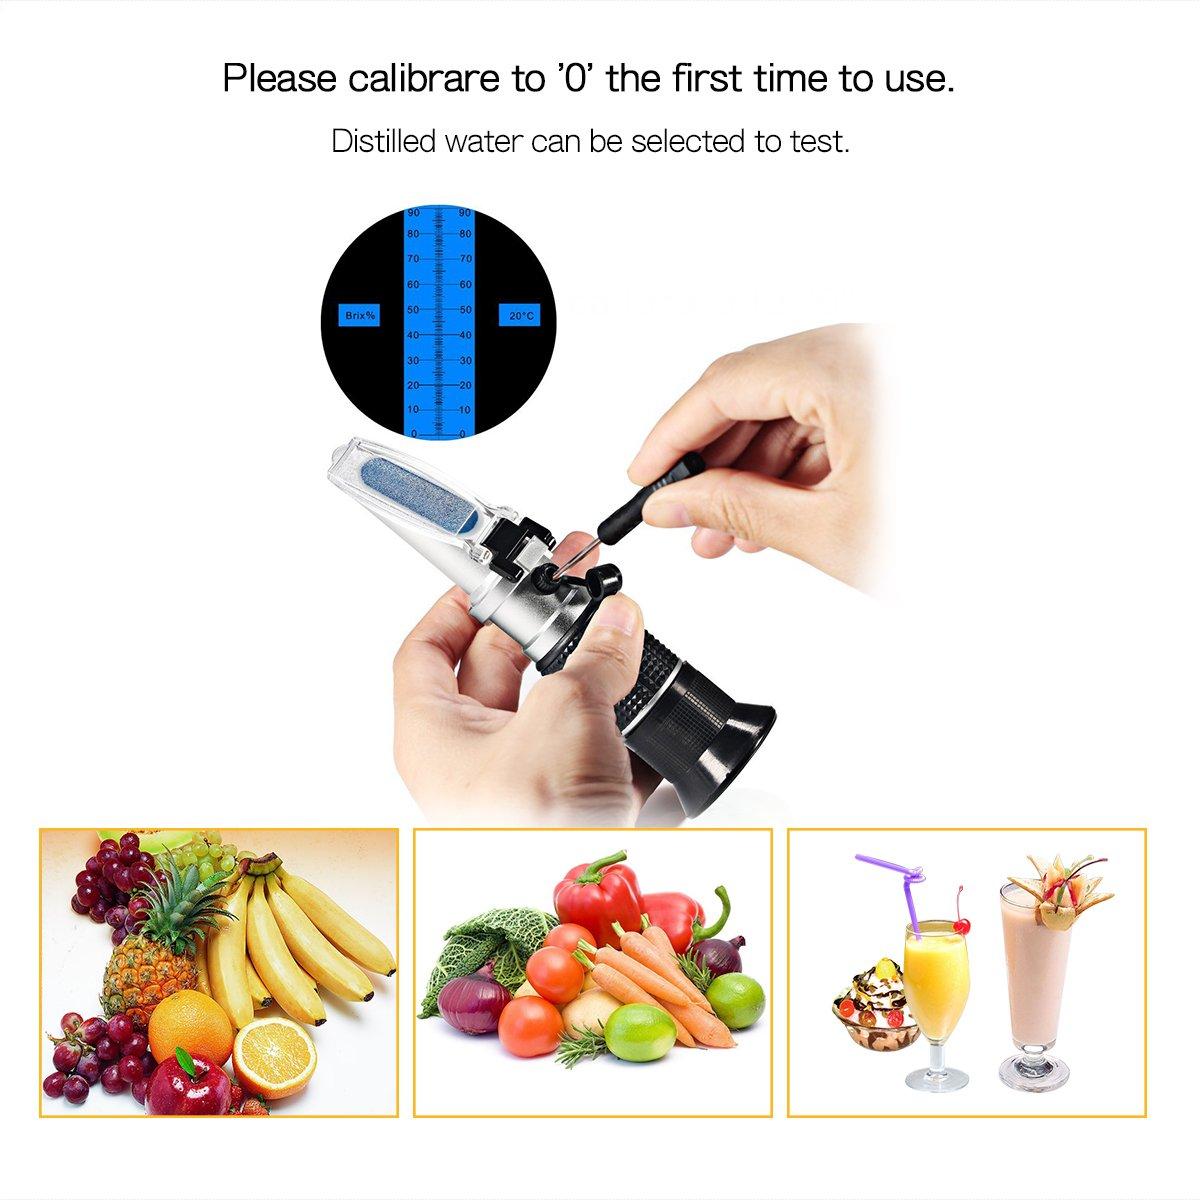 Obst Honig Refraktometer zur Messung des Zuckeranteils mit ATC Handrefraktometer f/ür Zucker Wein Lebensmittel Getr/änke Bier 0-90% Iitrust Zuckergehalt Refraktometer